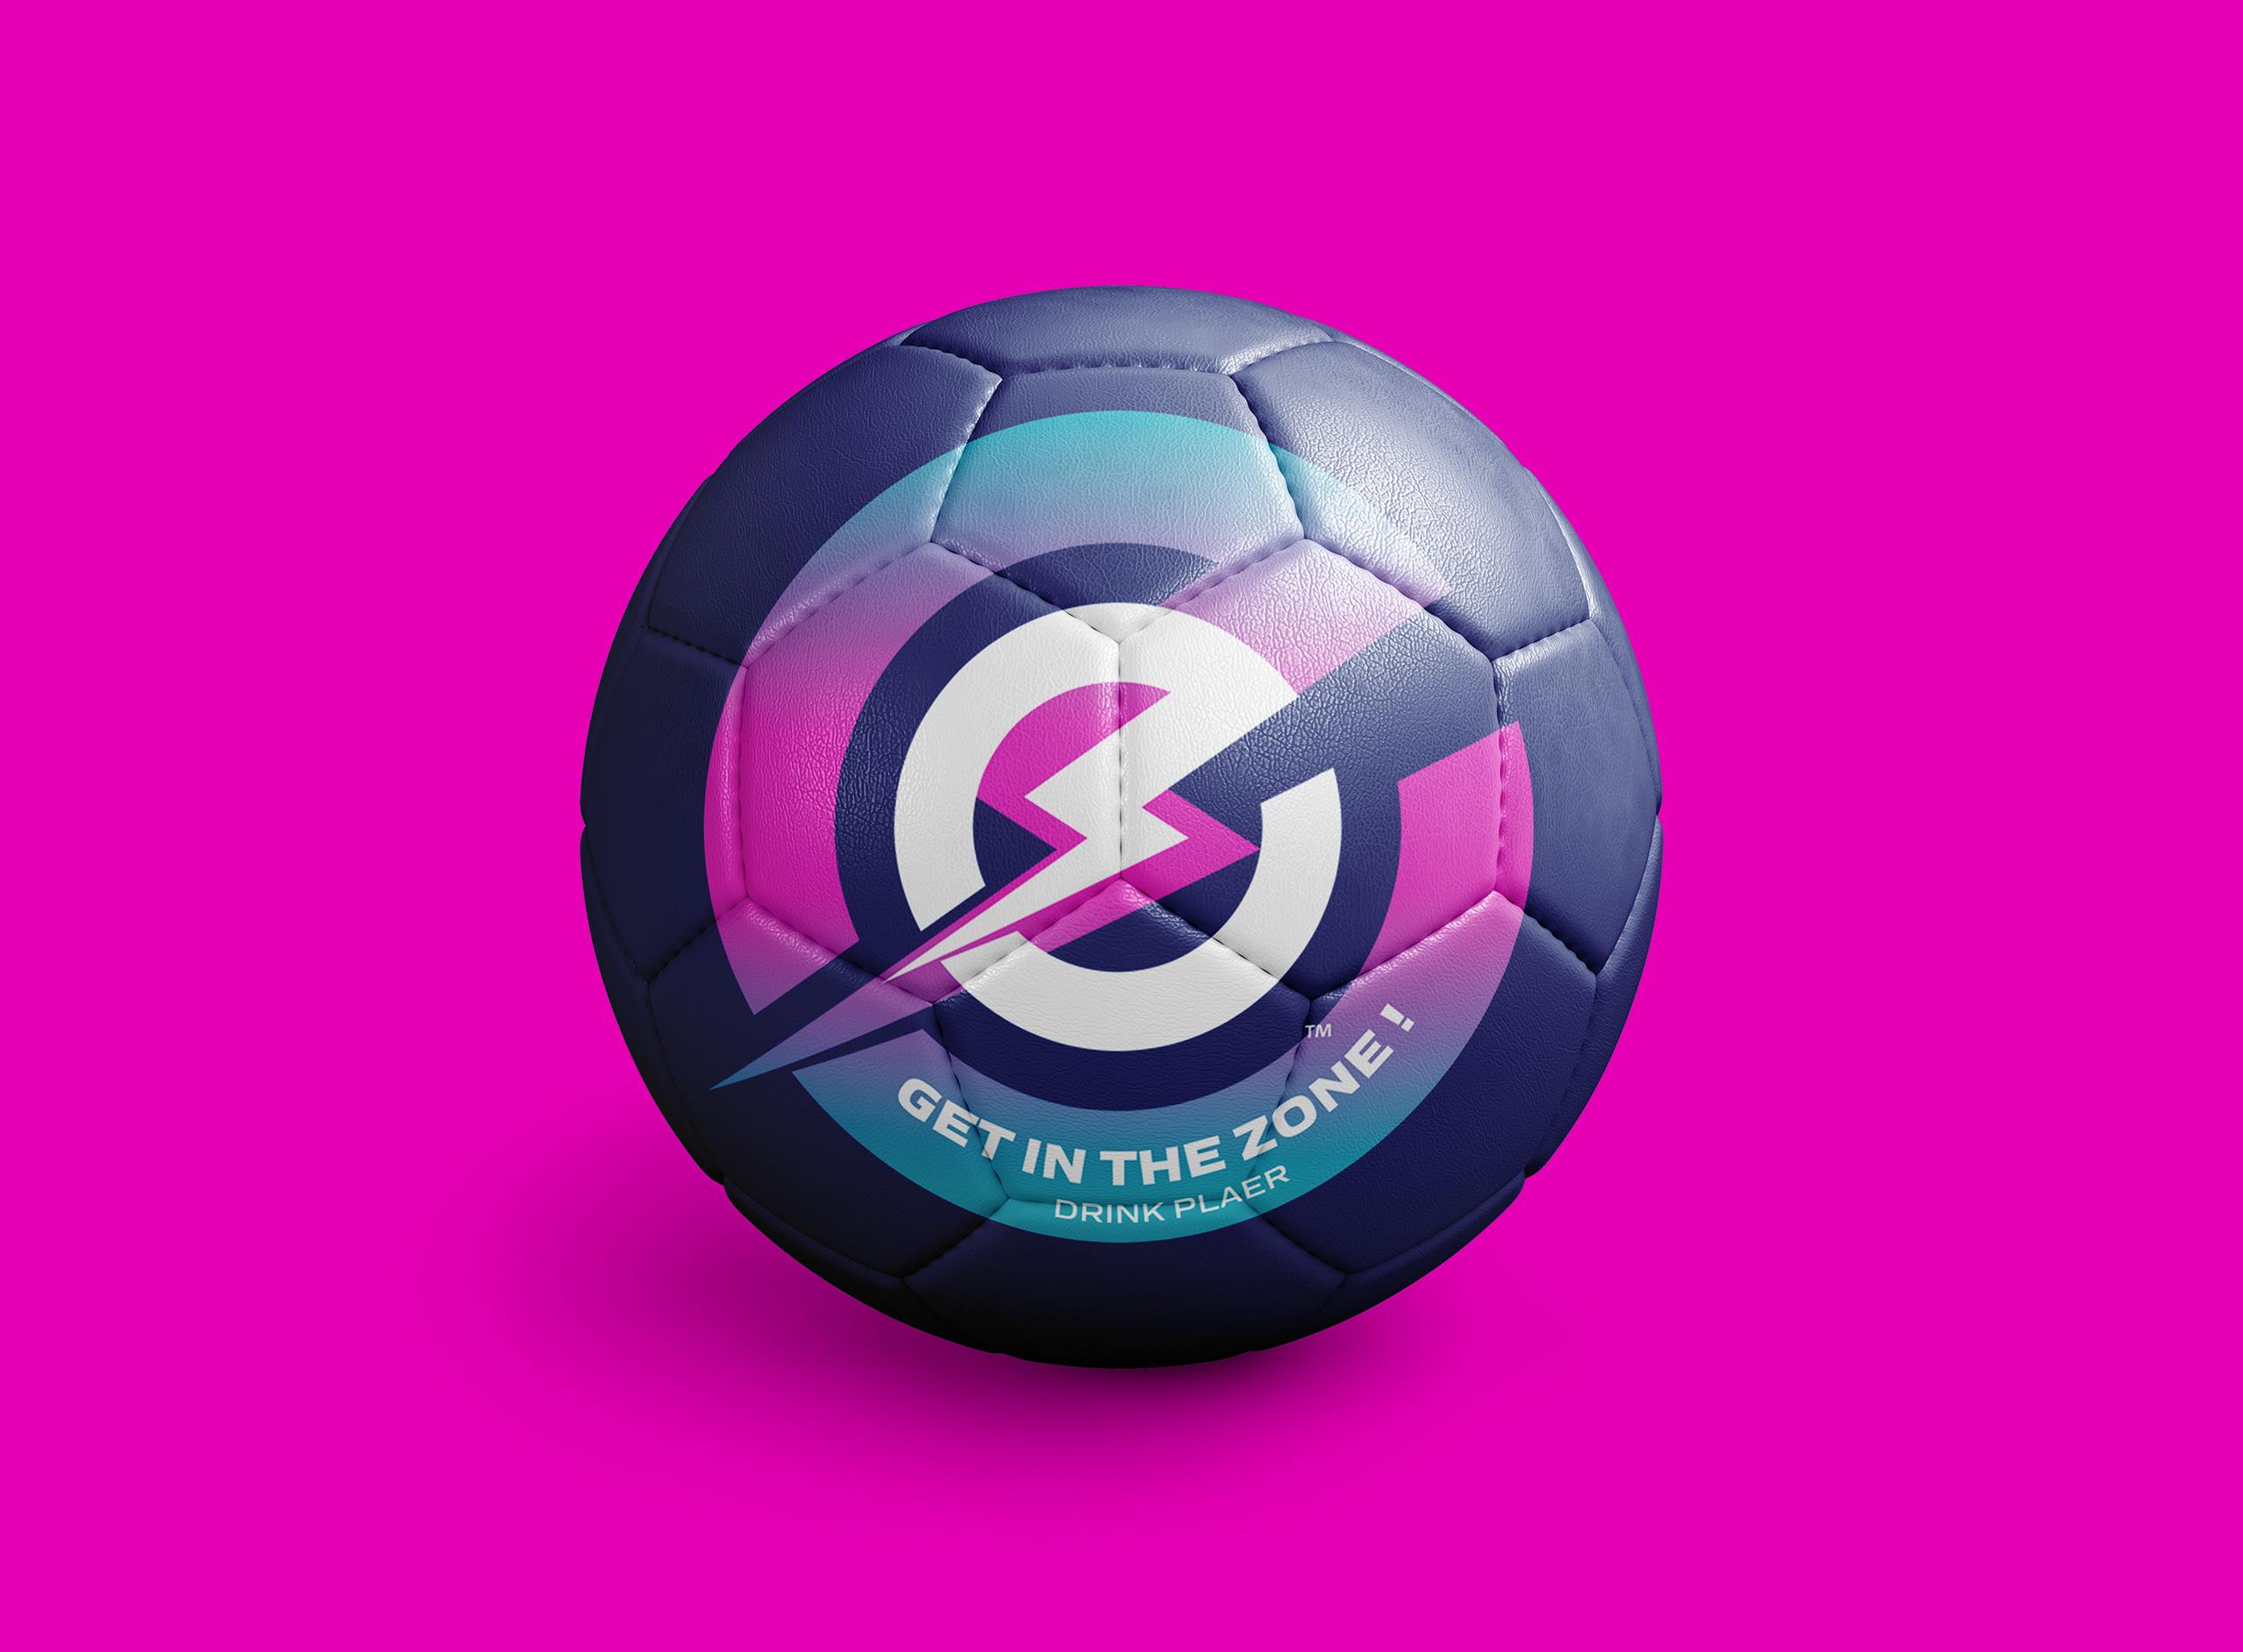 Soccer Ball Plaer 2